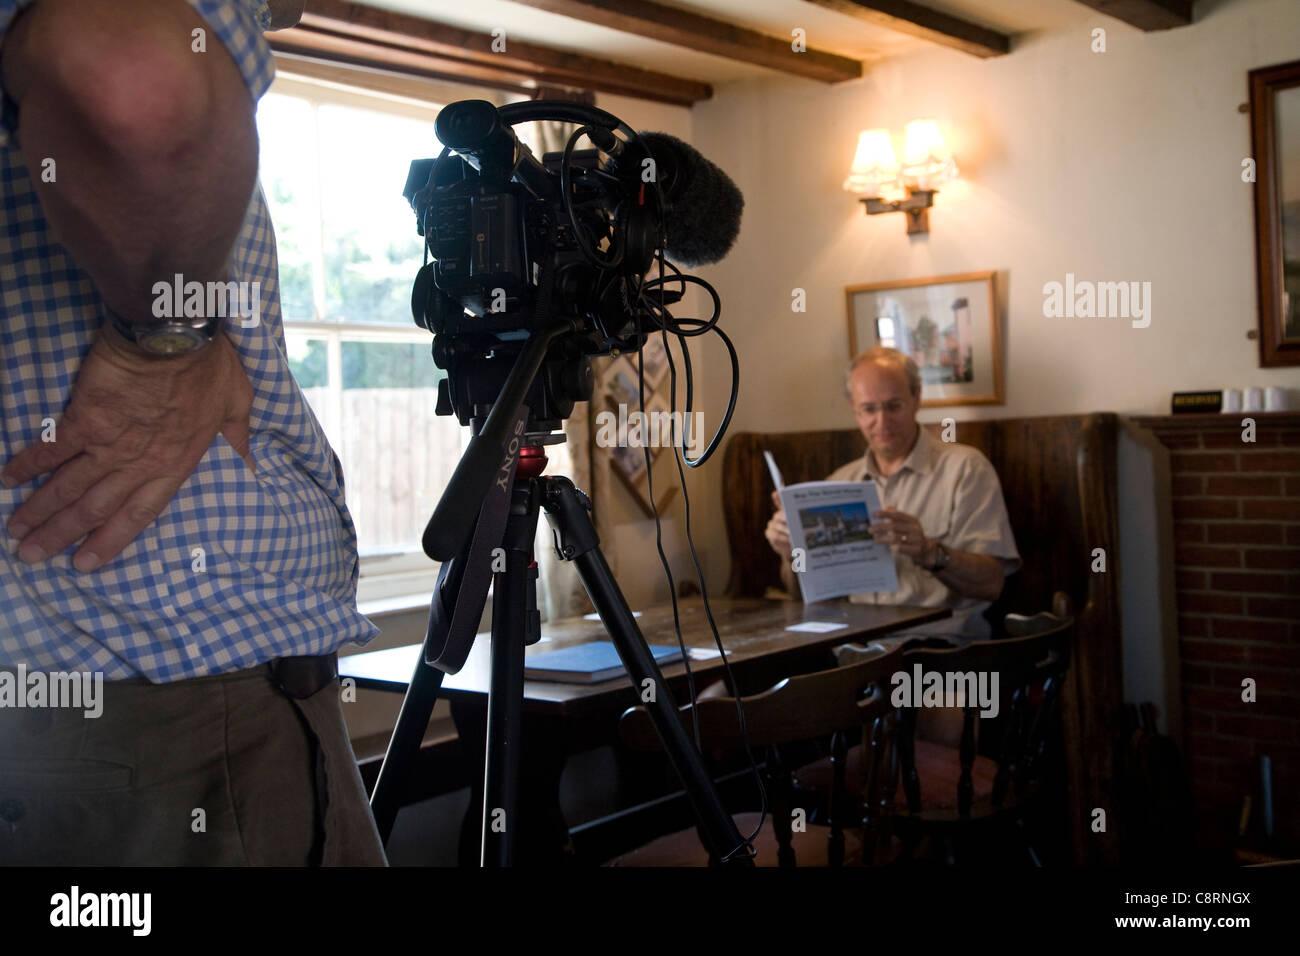 BBC cameraman reports on community pub purchase, Sorrel Horse, Shottisham, Suffolk, England - Stock Image